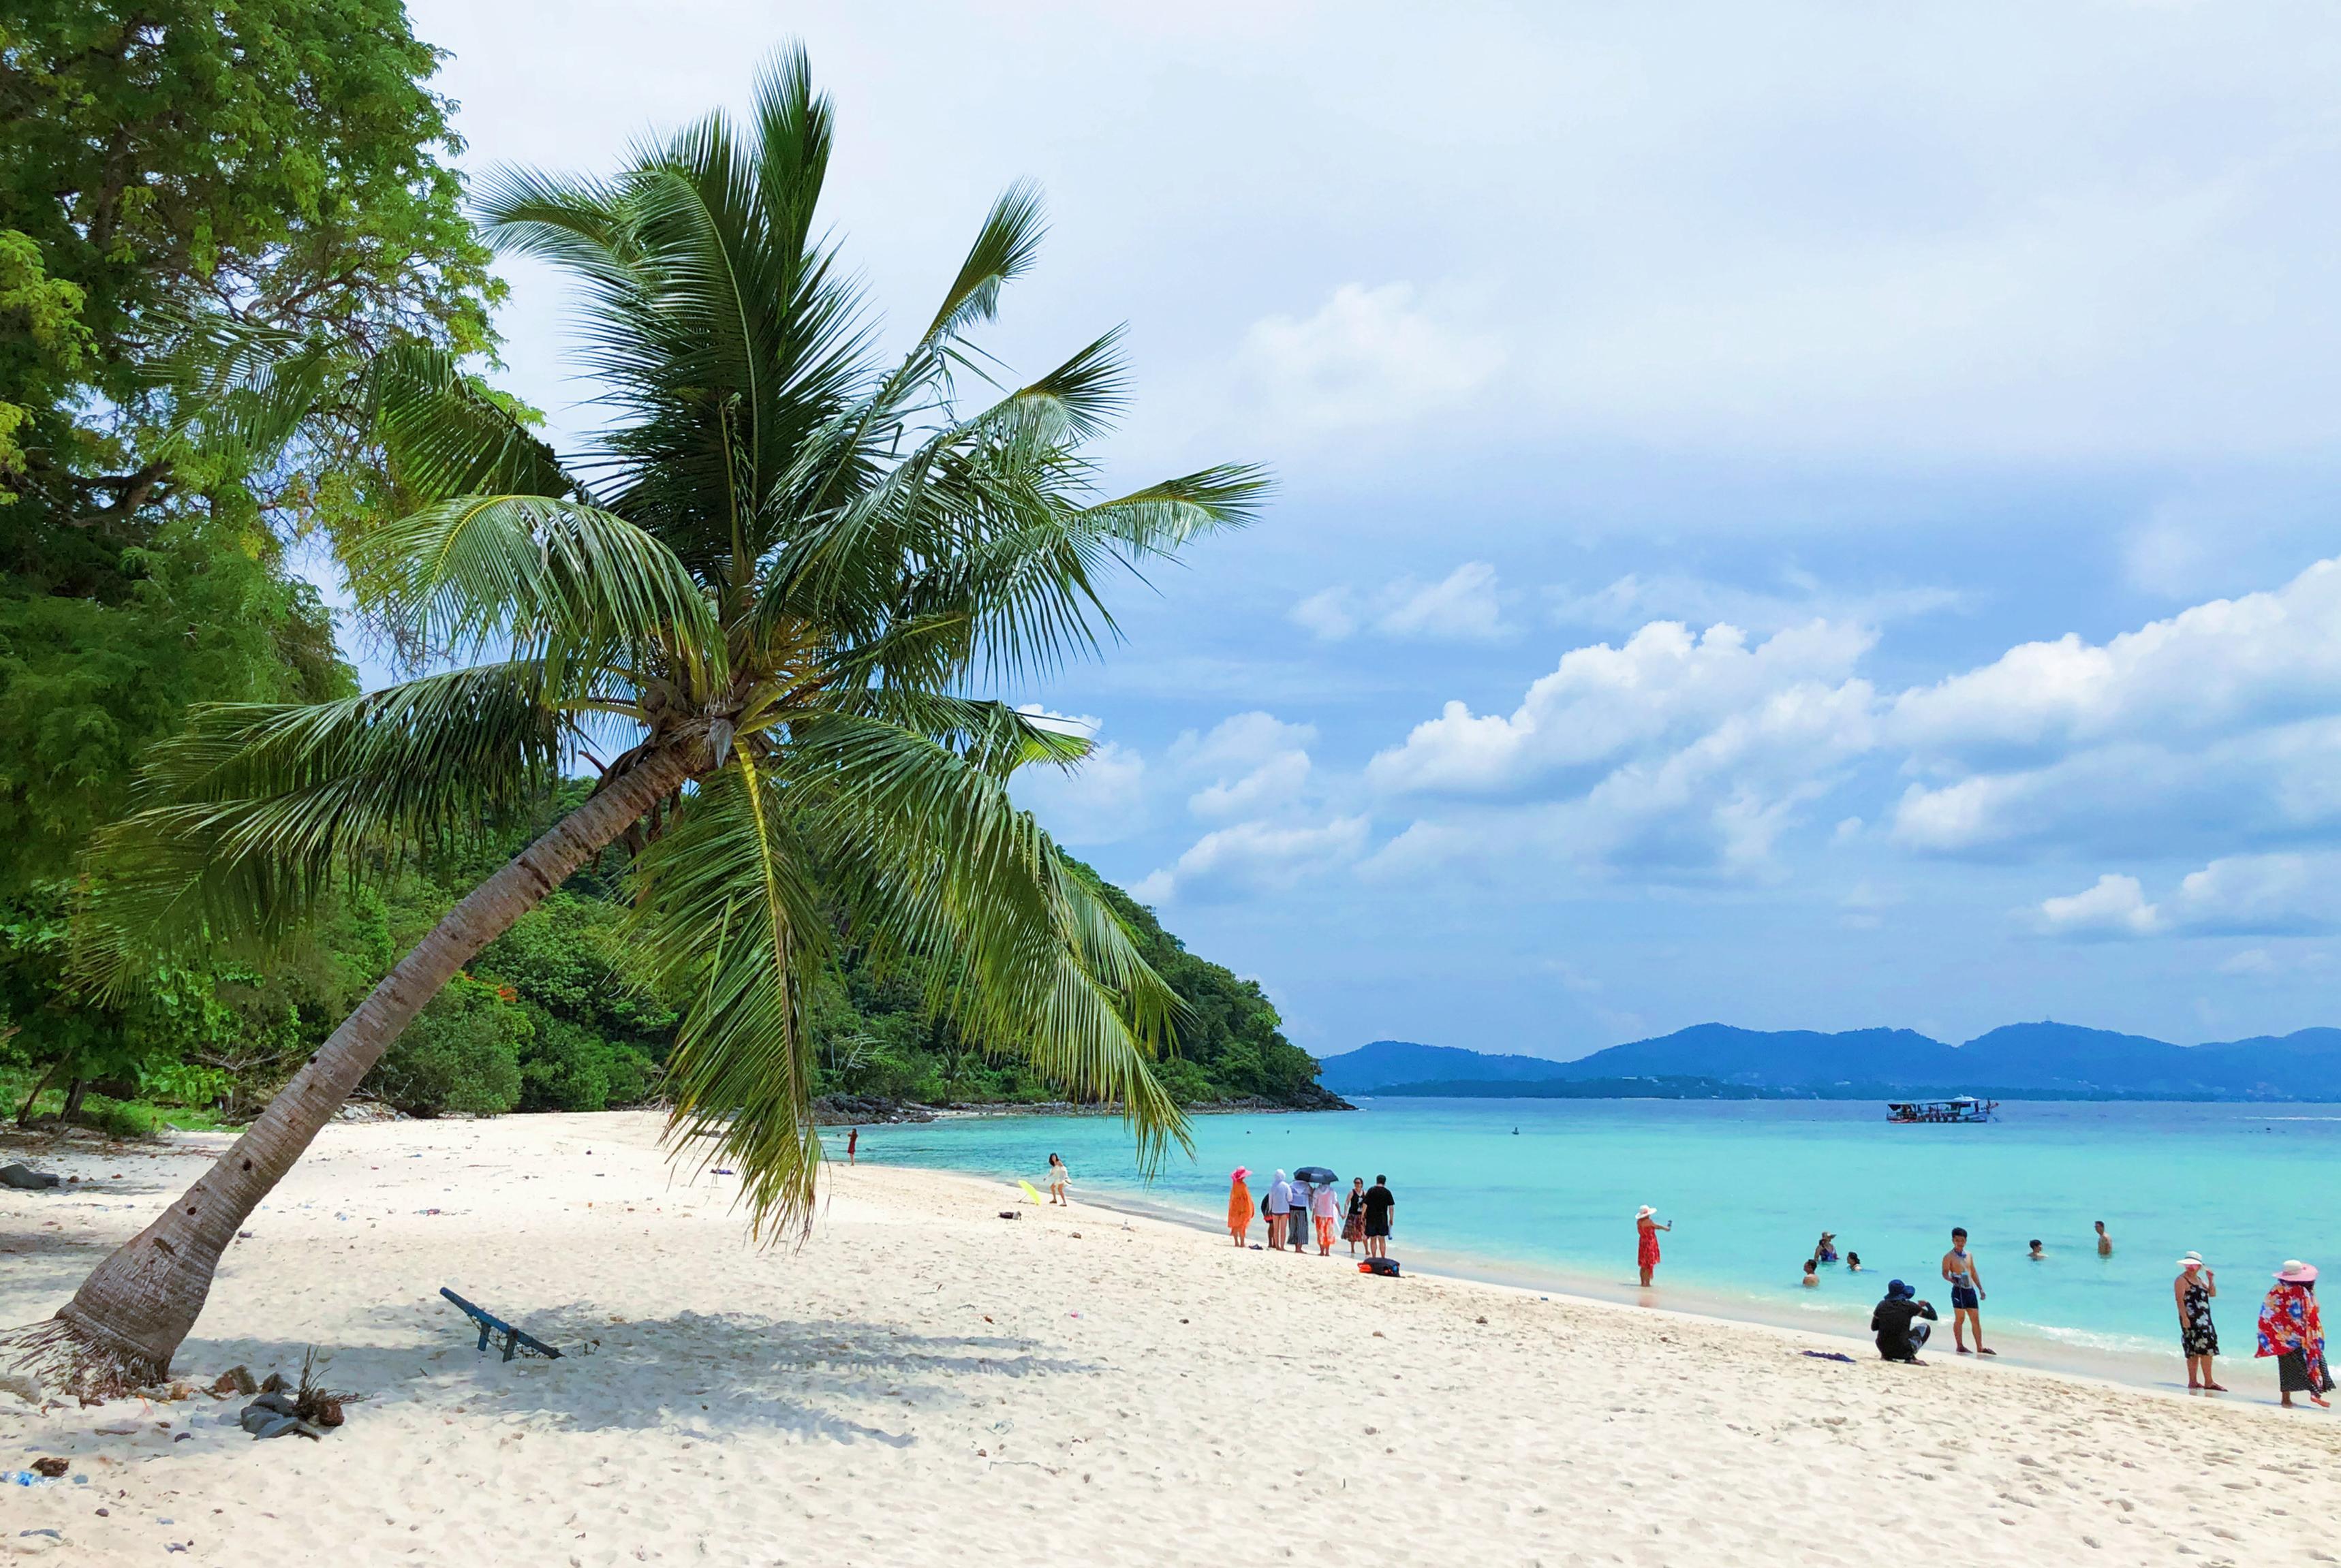 泰国普吉岛事发海域,跳岛游90%都是中国游客